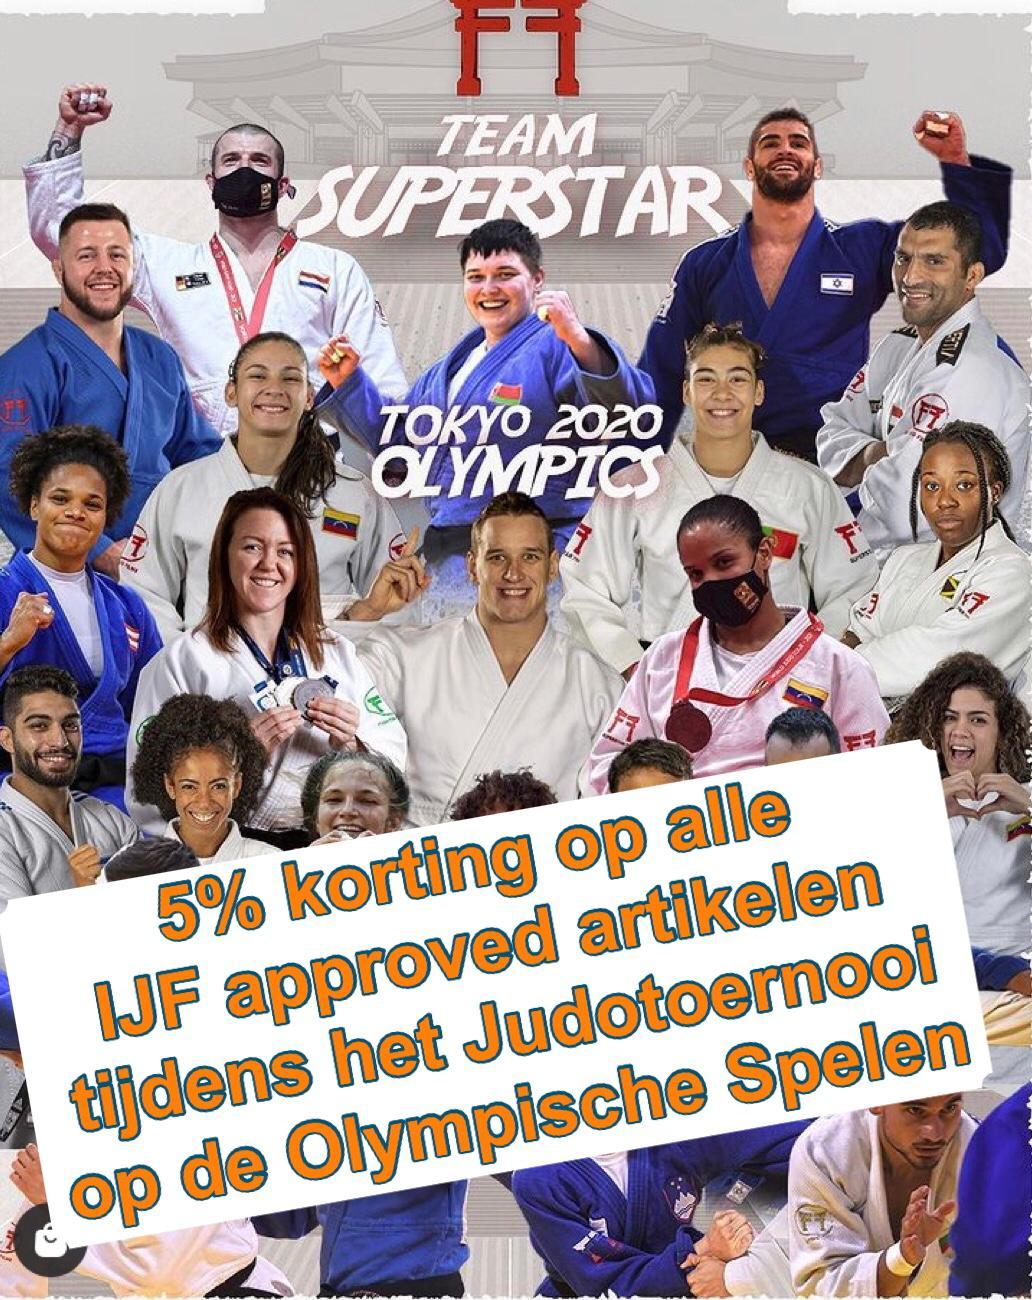 5% korting tijdens de Olympische spelen